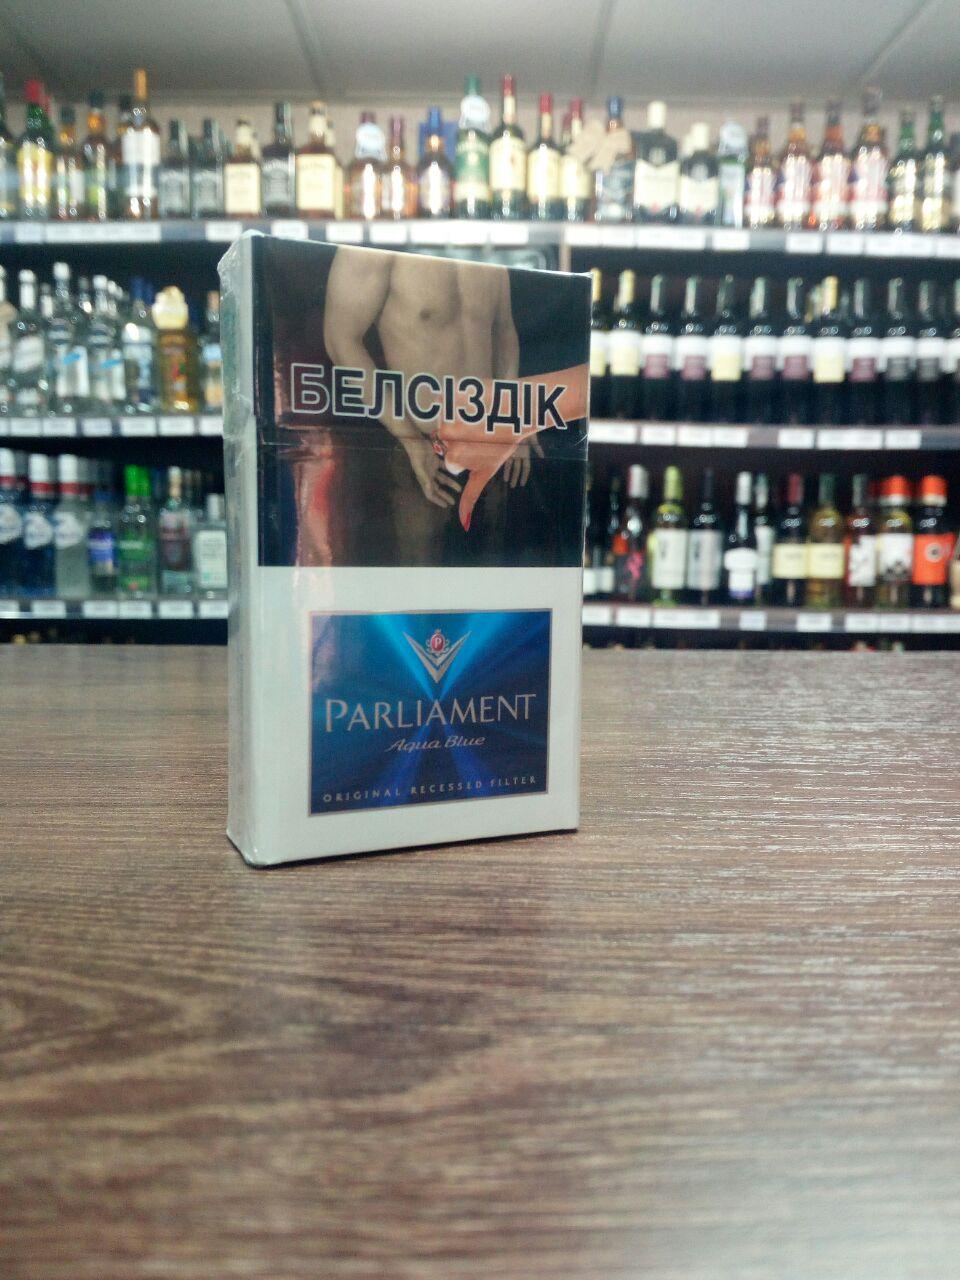 Сигареты купить парламент в розницу купить сигареты с бесплатной доставкой